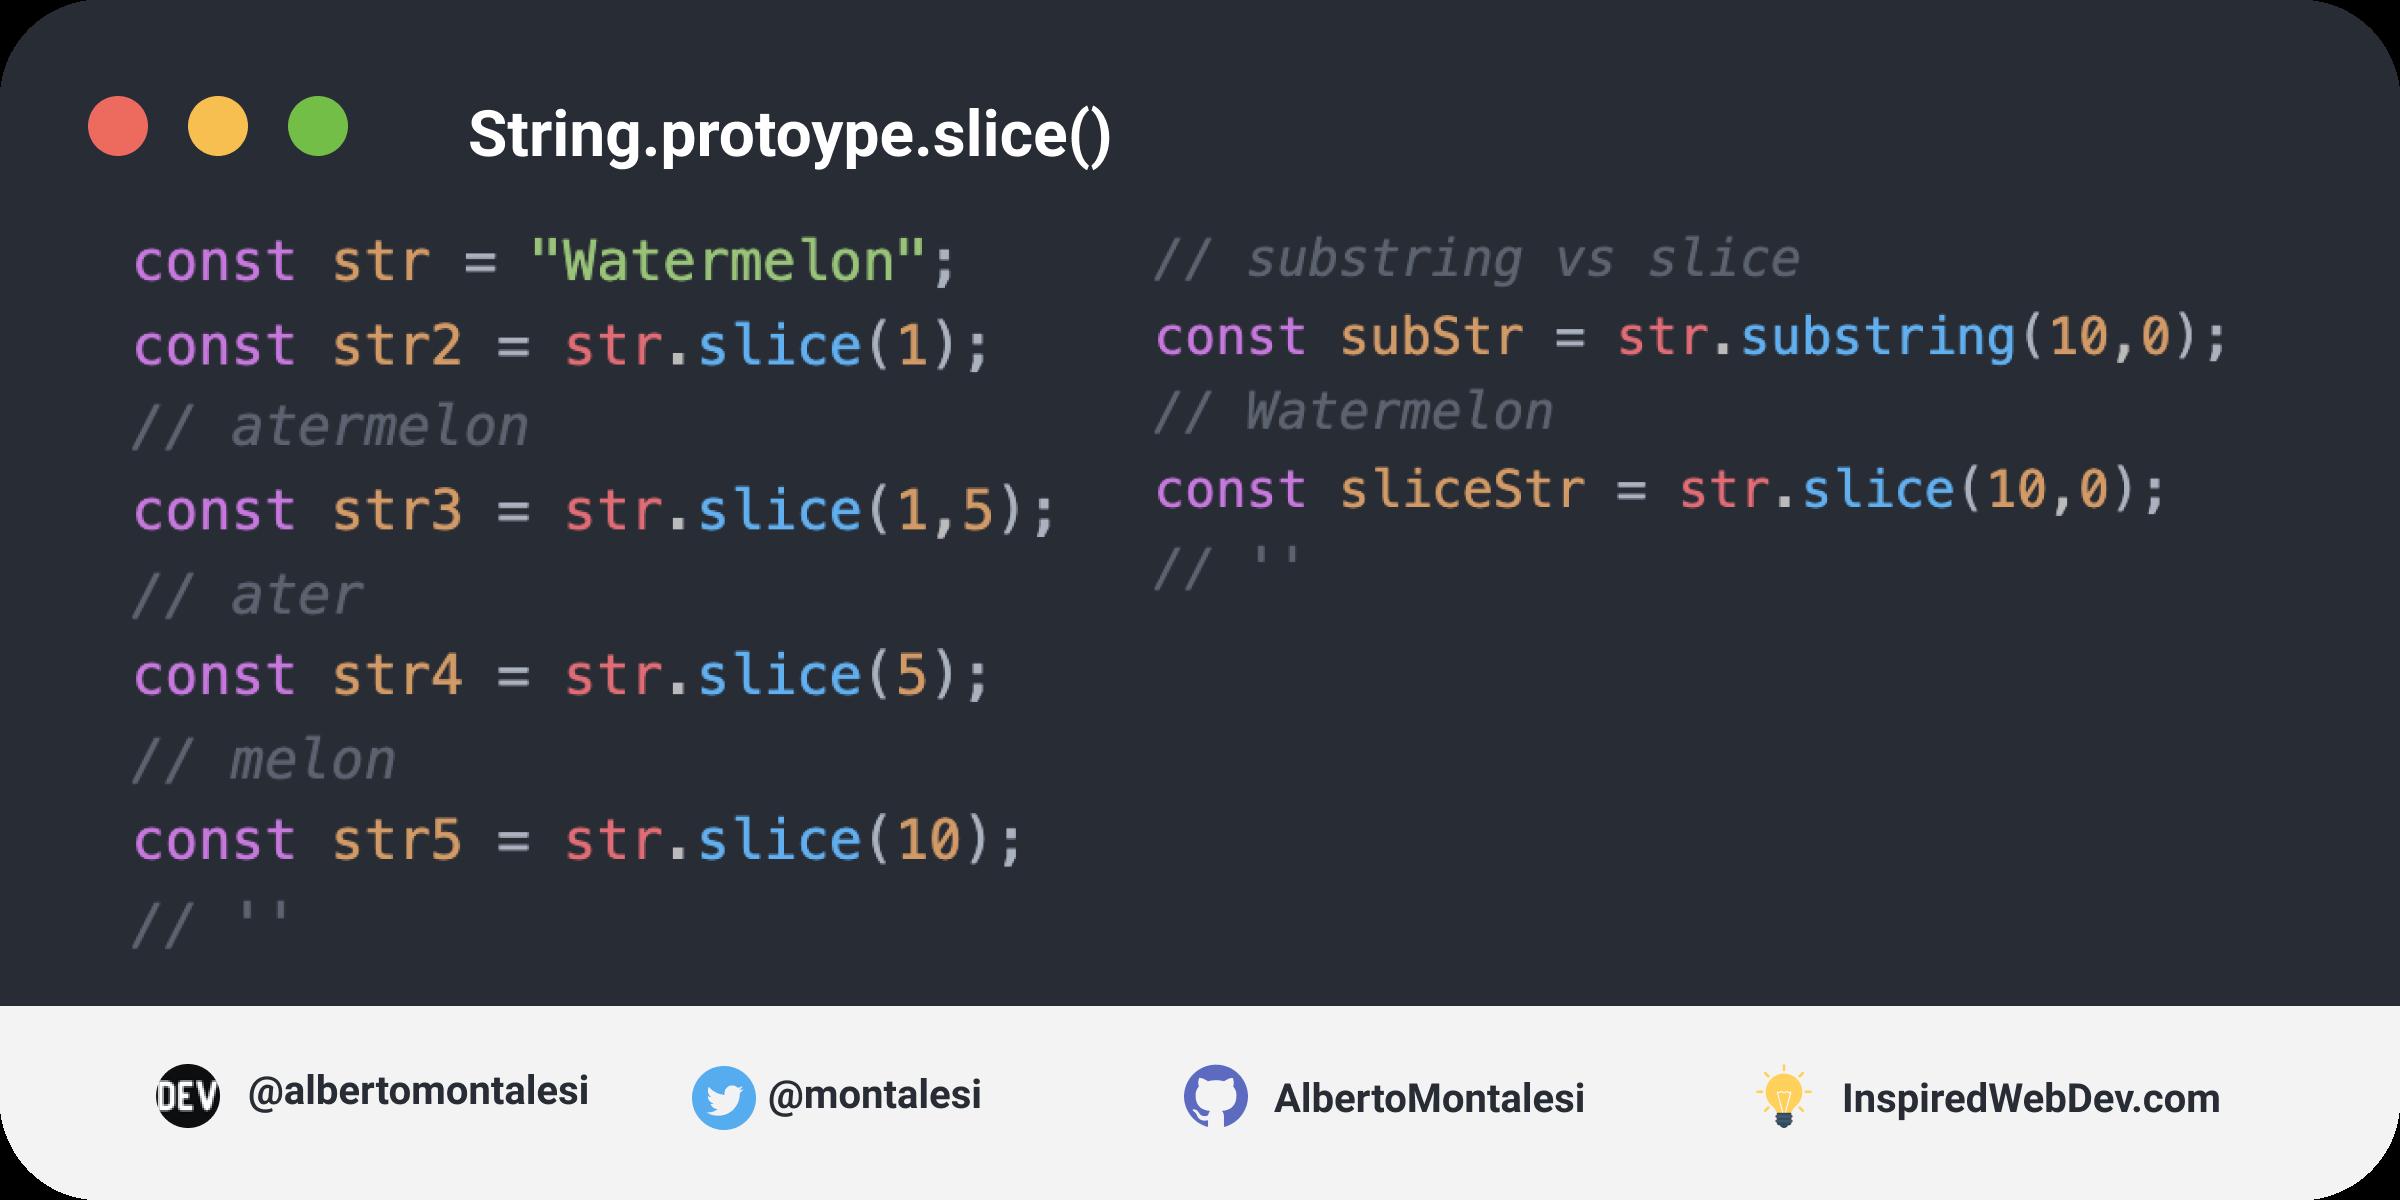 String.prototype.slice()